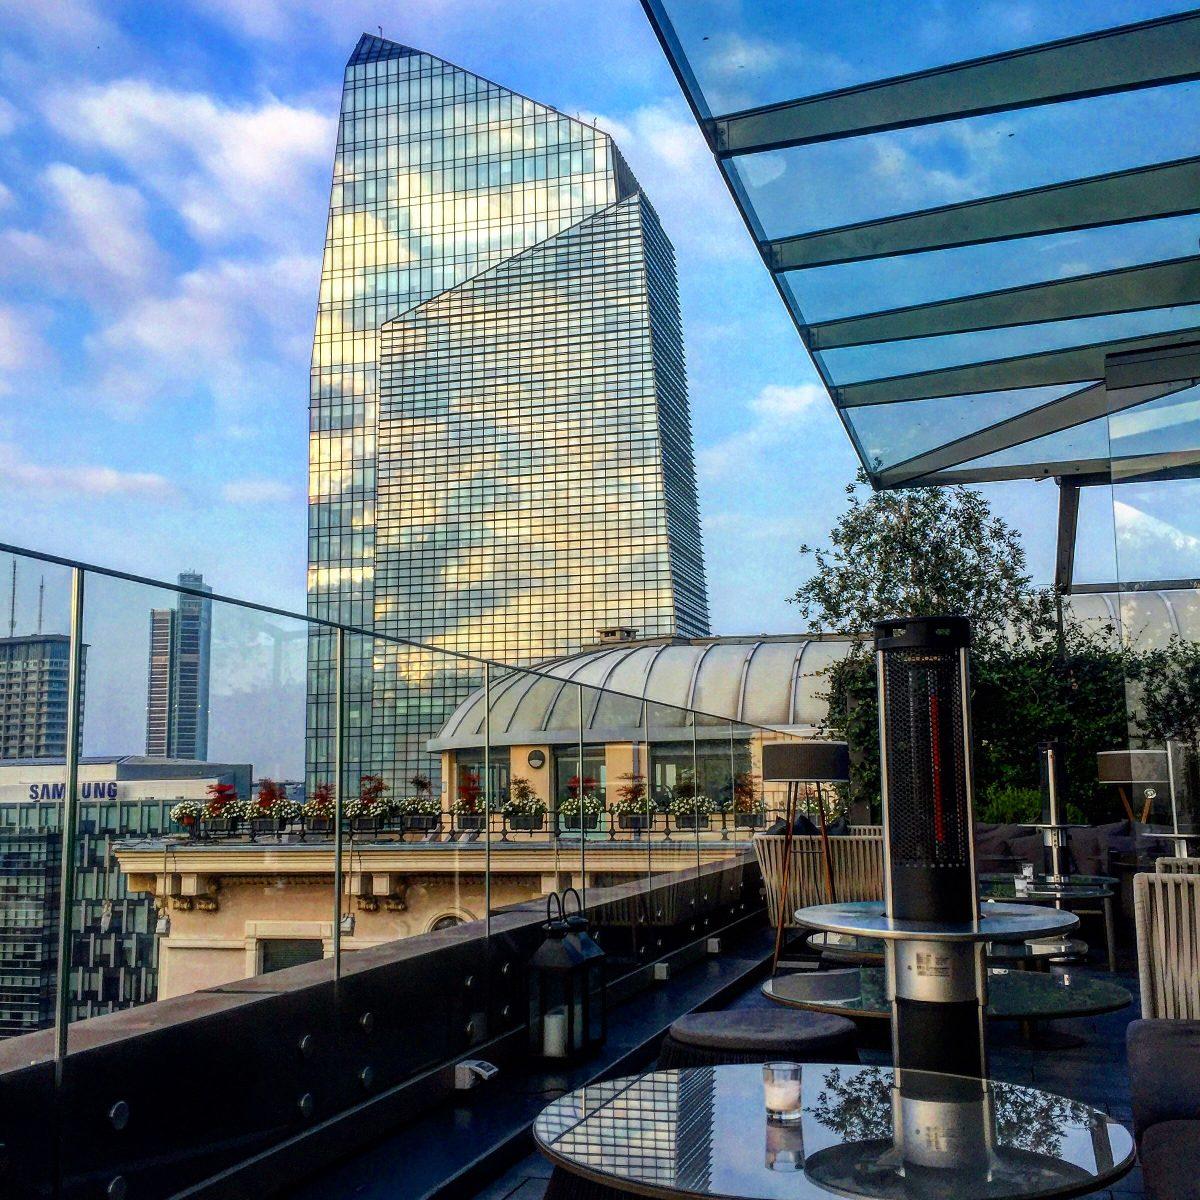 I 9 rooftop pi belli di Milano dove bere laperitivo  megliounpostobello